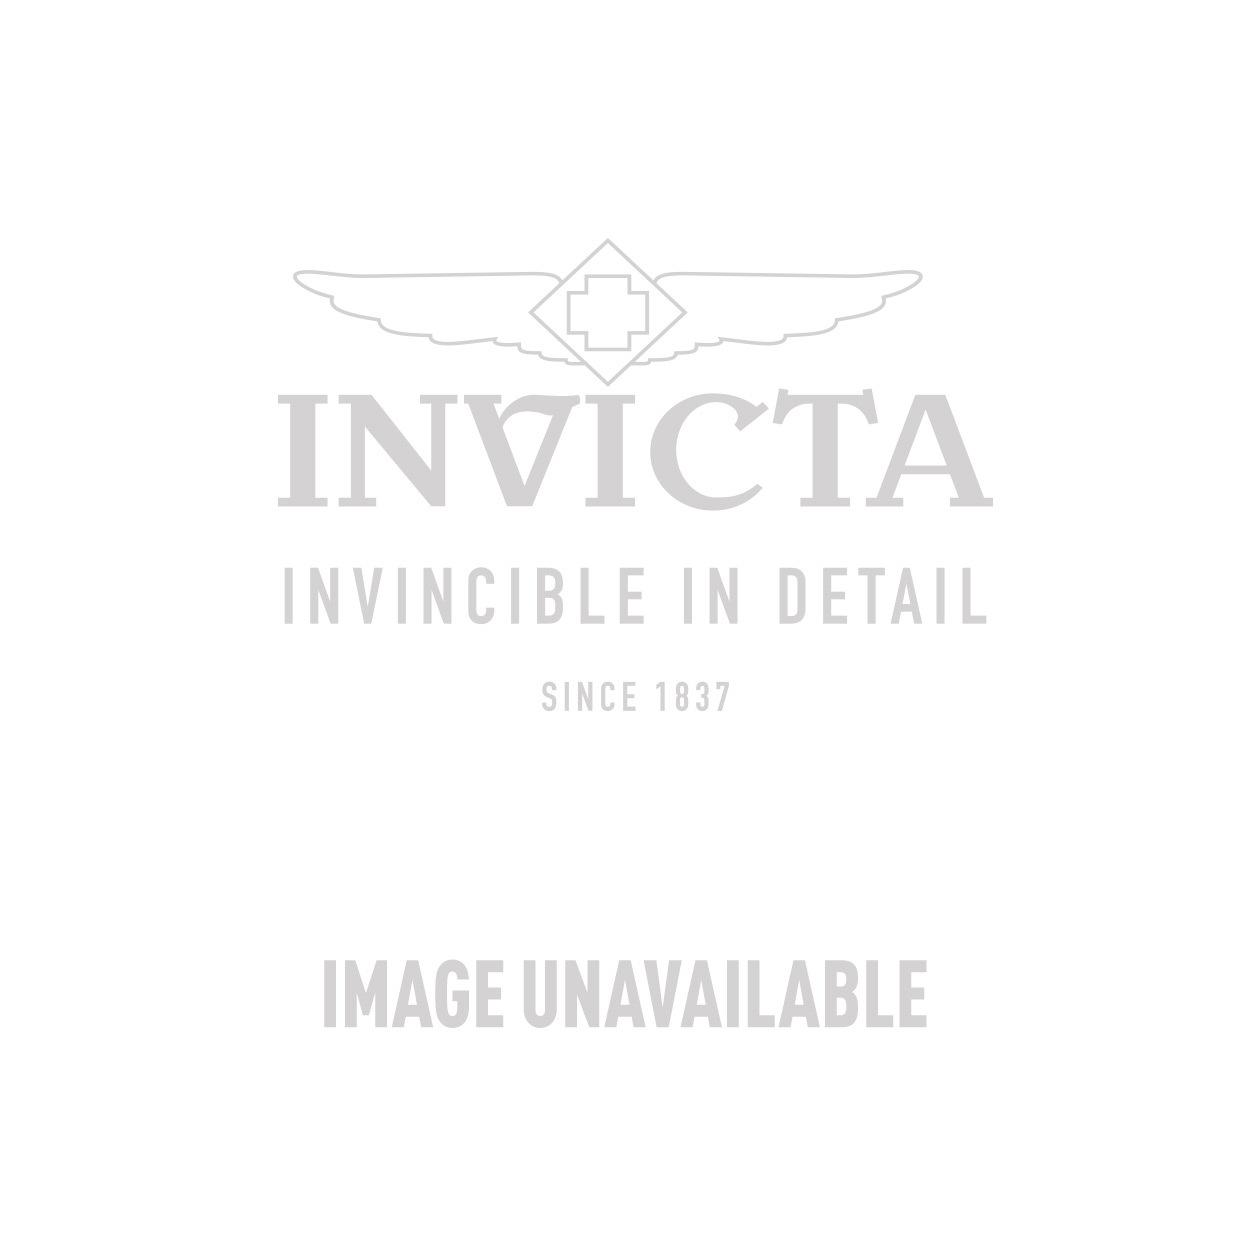 Invicta Model 23577